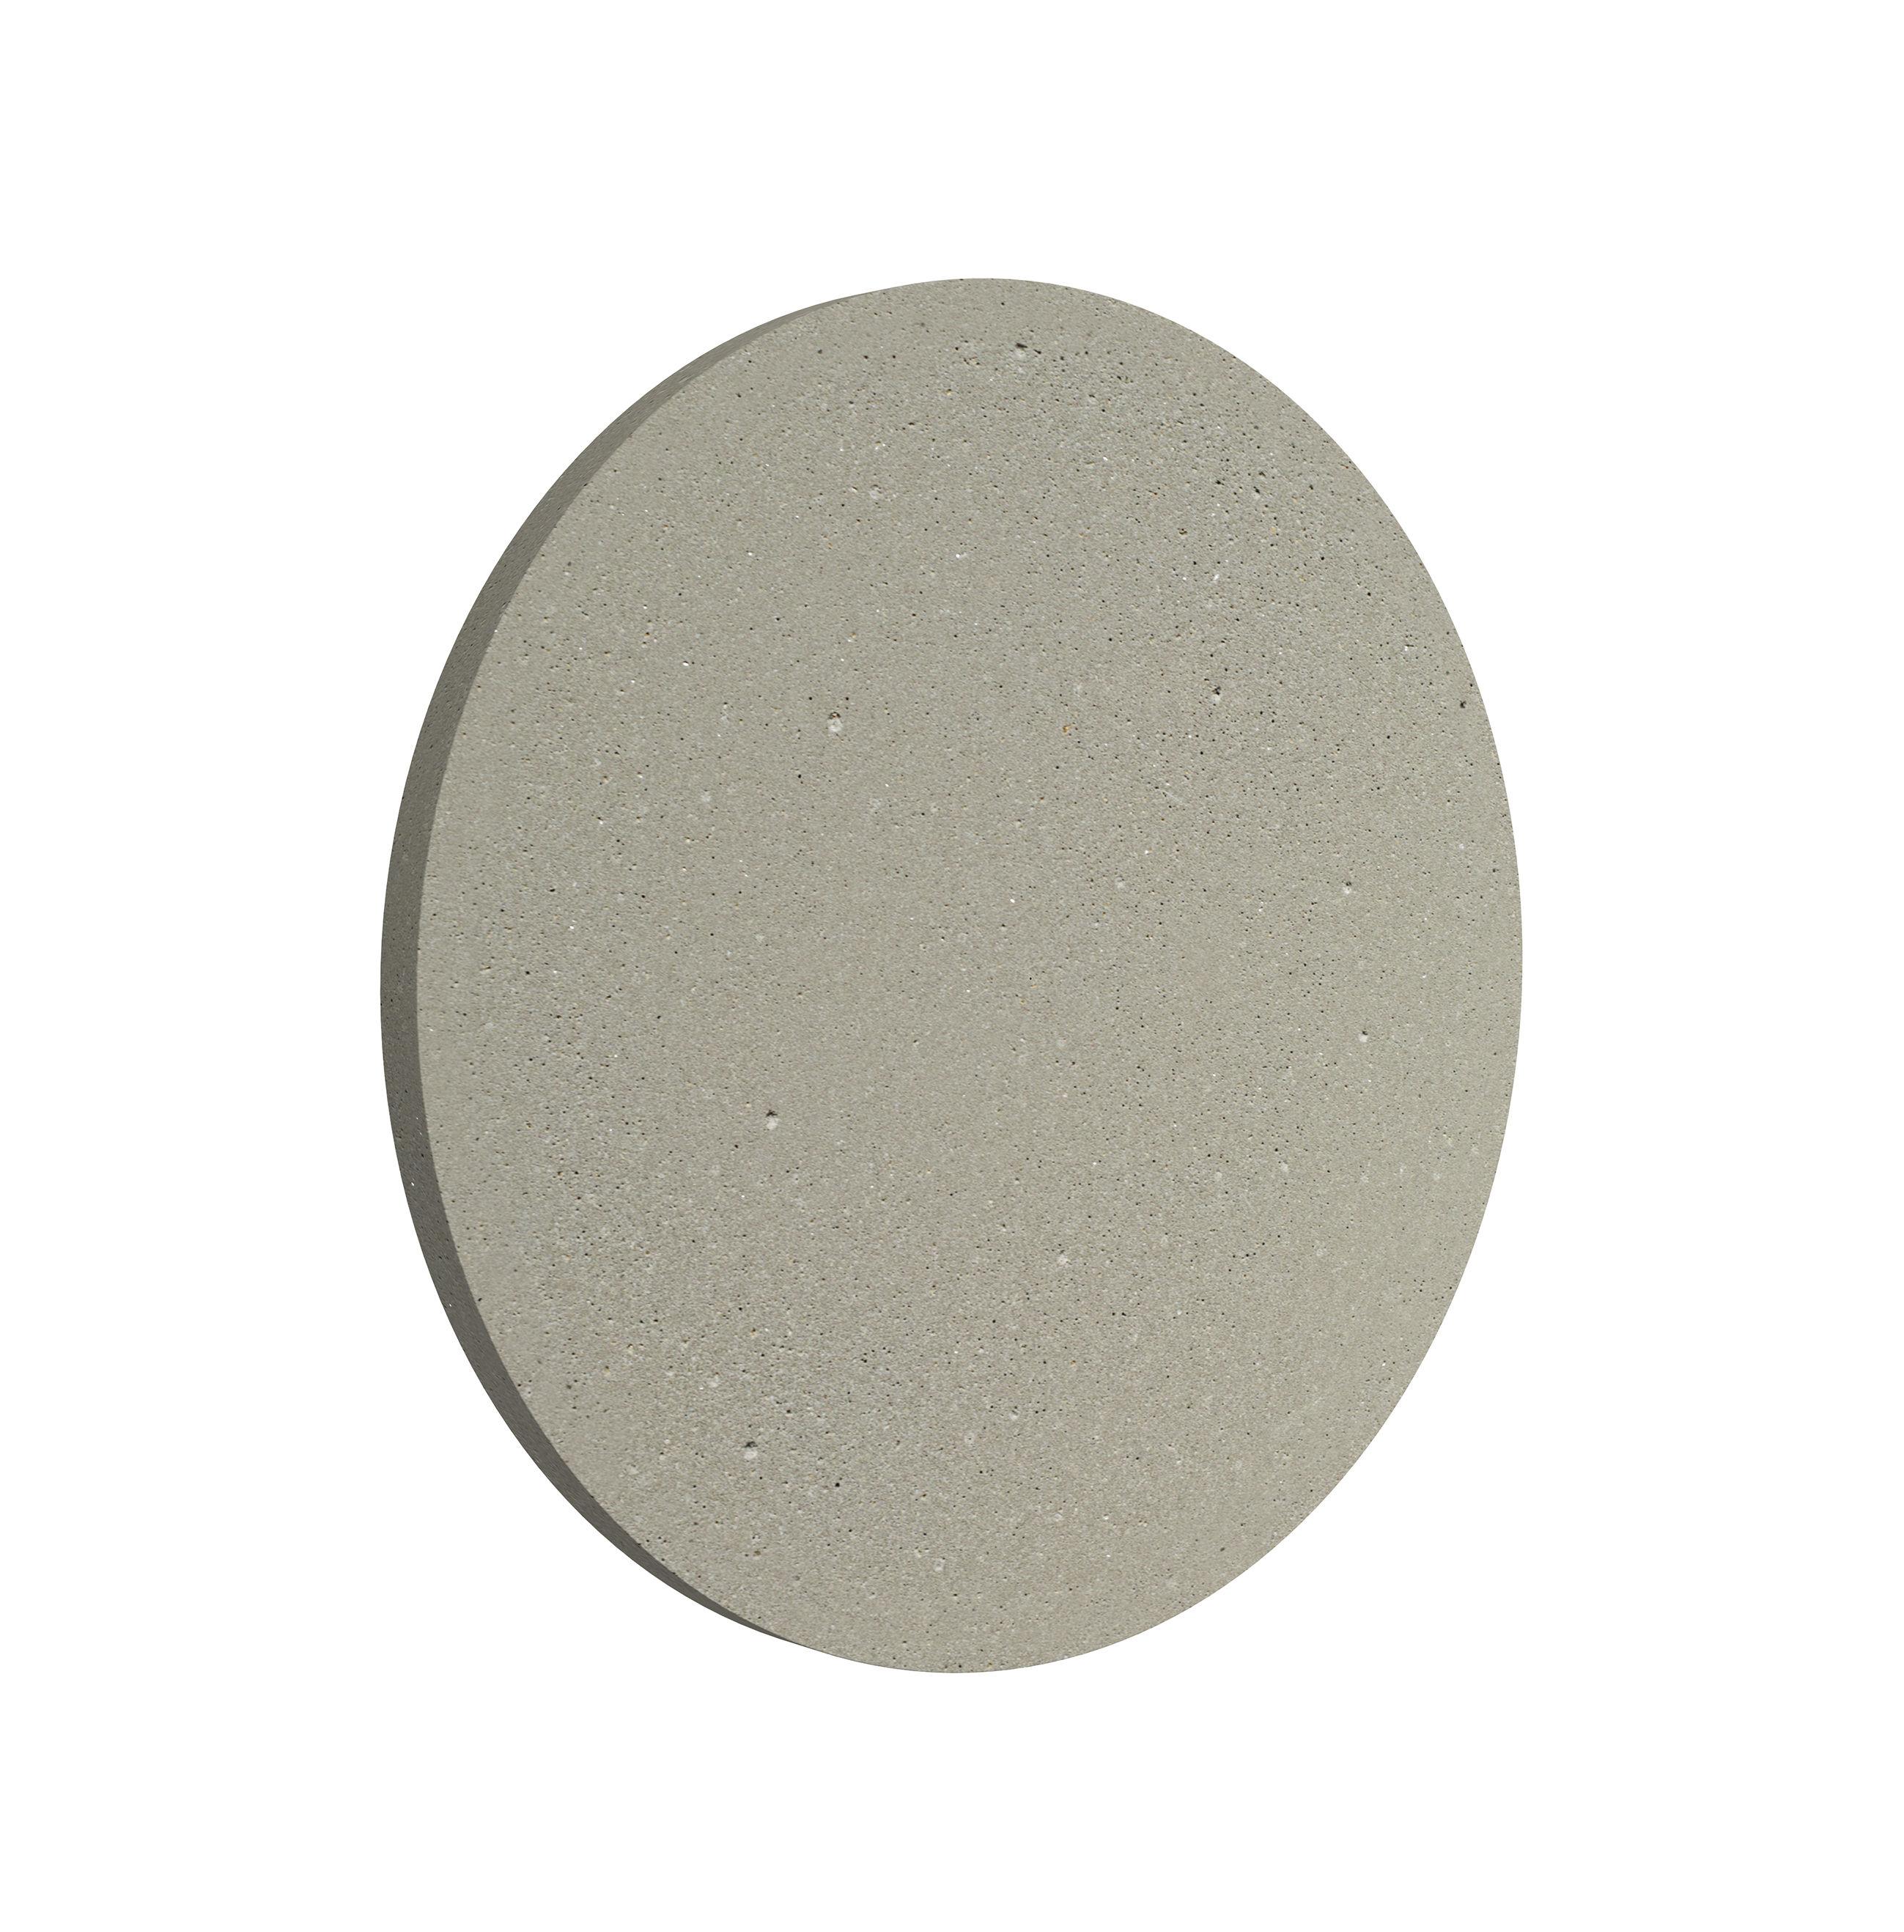 Luminaire - Appliques - Applique d'extérieur Camouflage LED / Ø 14 cm - Flos - Béton - Aluminium, Ciment